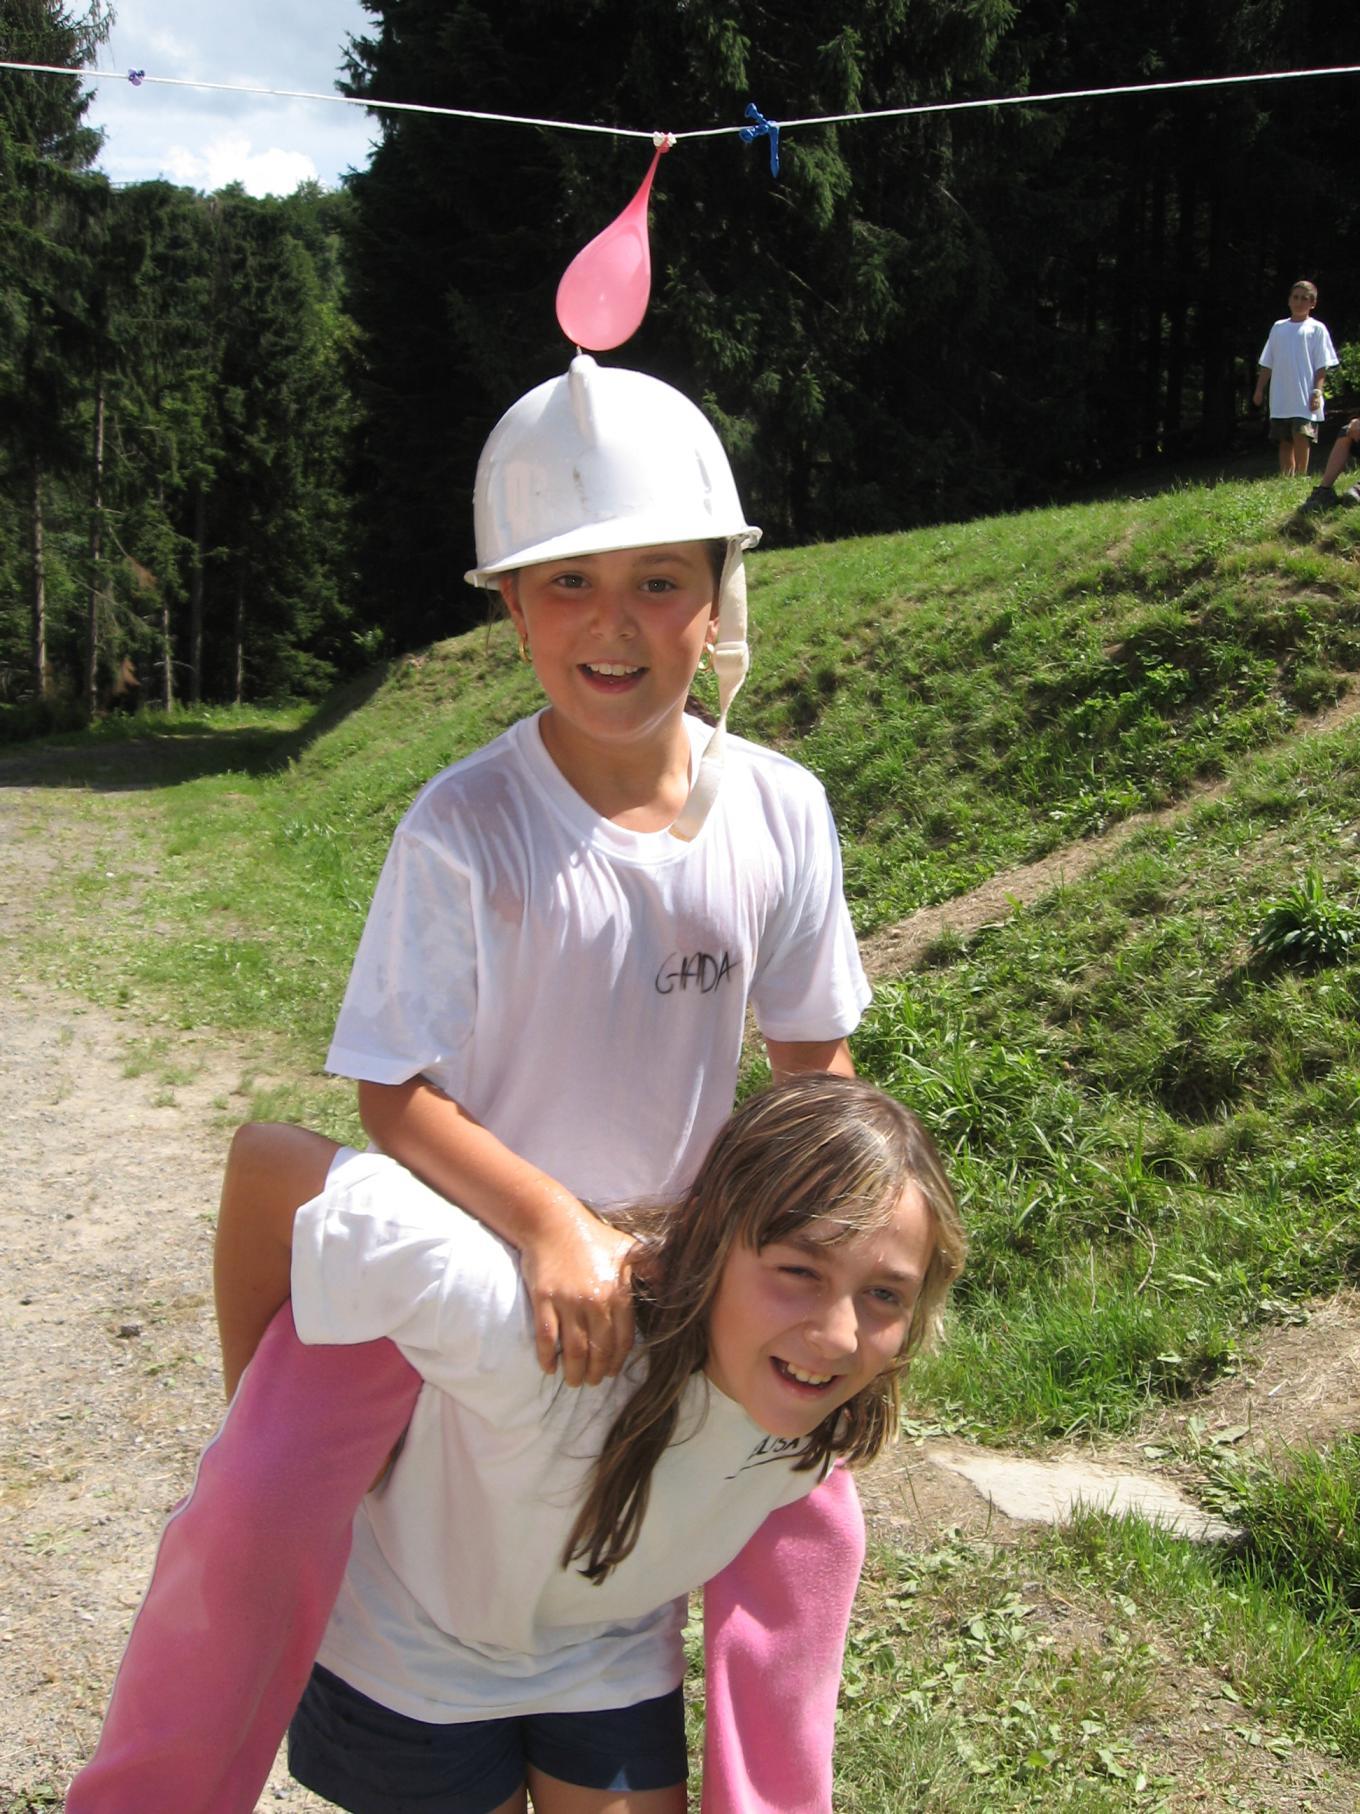 Campo_San_Giacomo_gare-2009-07-08--15.35.42